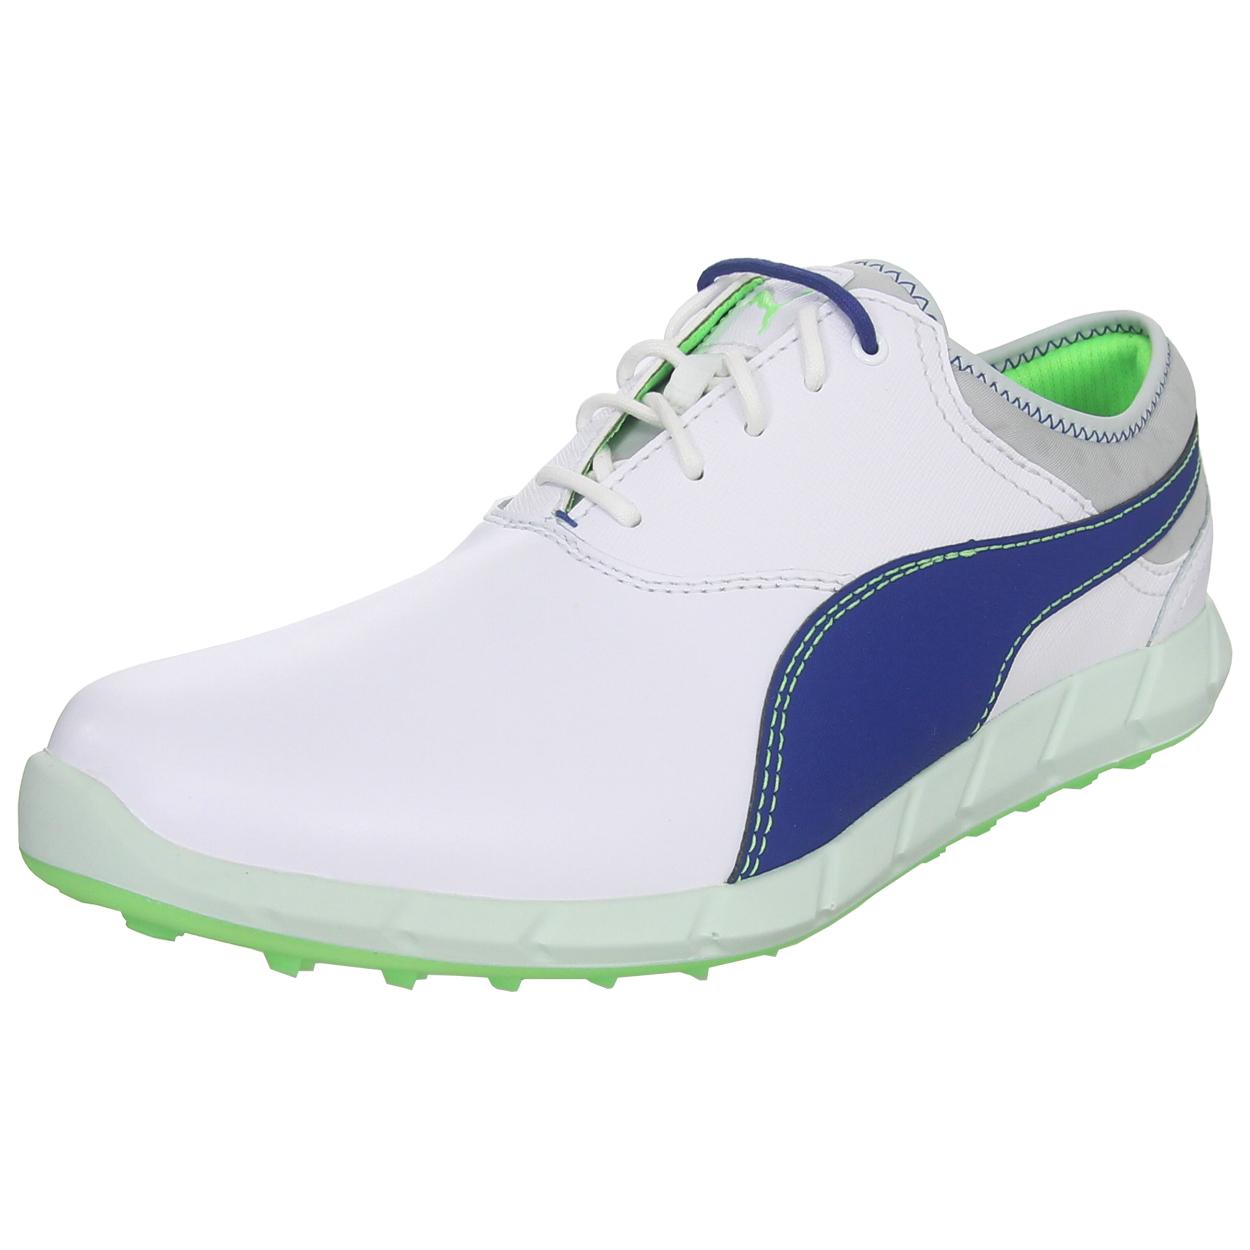 Puma Shoe Bag Golf